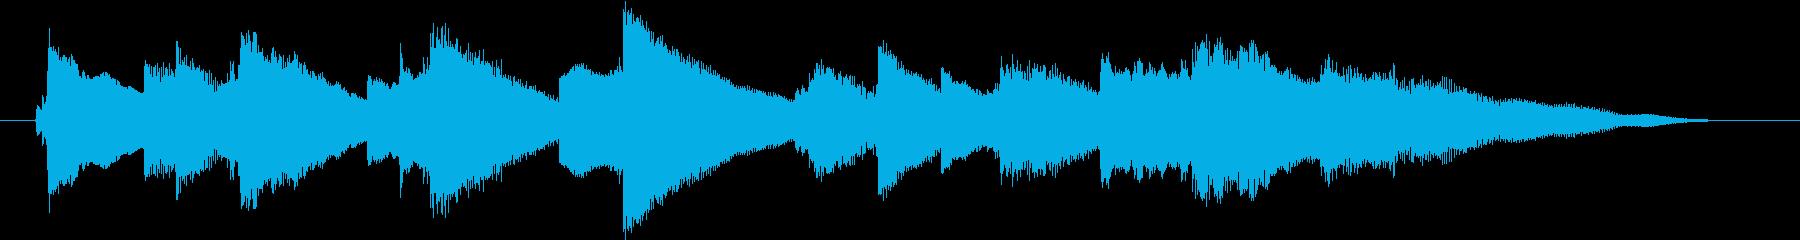 結婚式効果音_誓い02の再生済みの波形